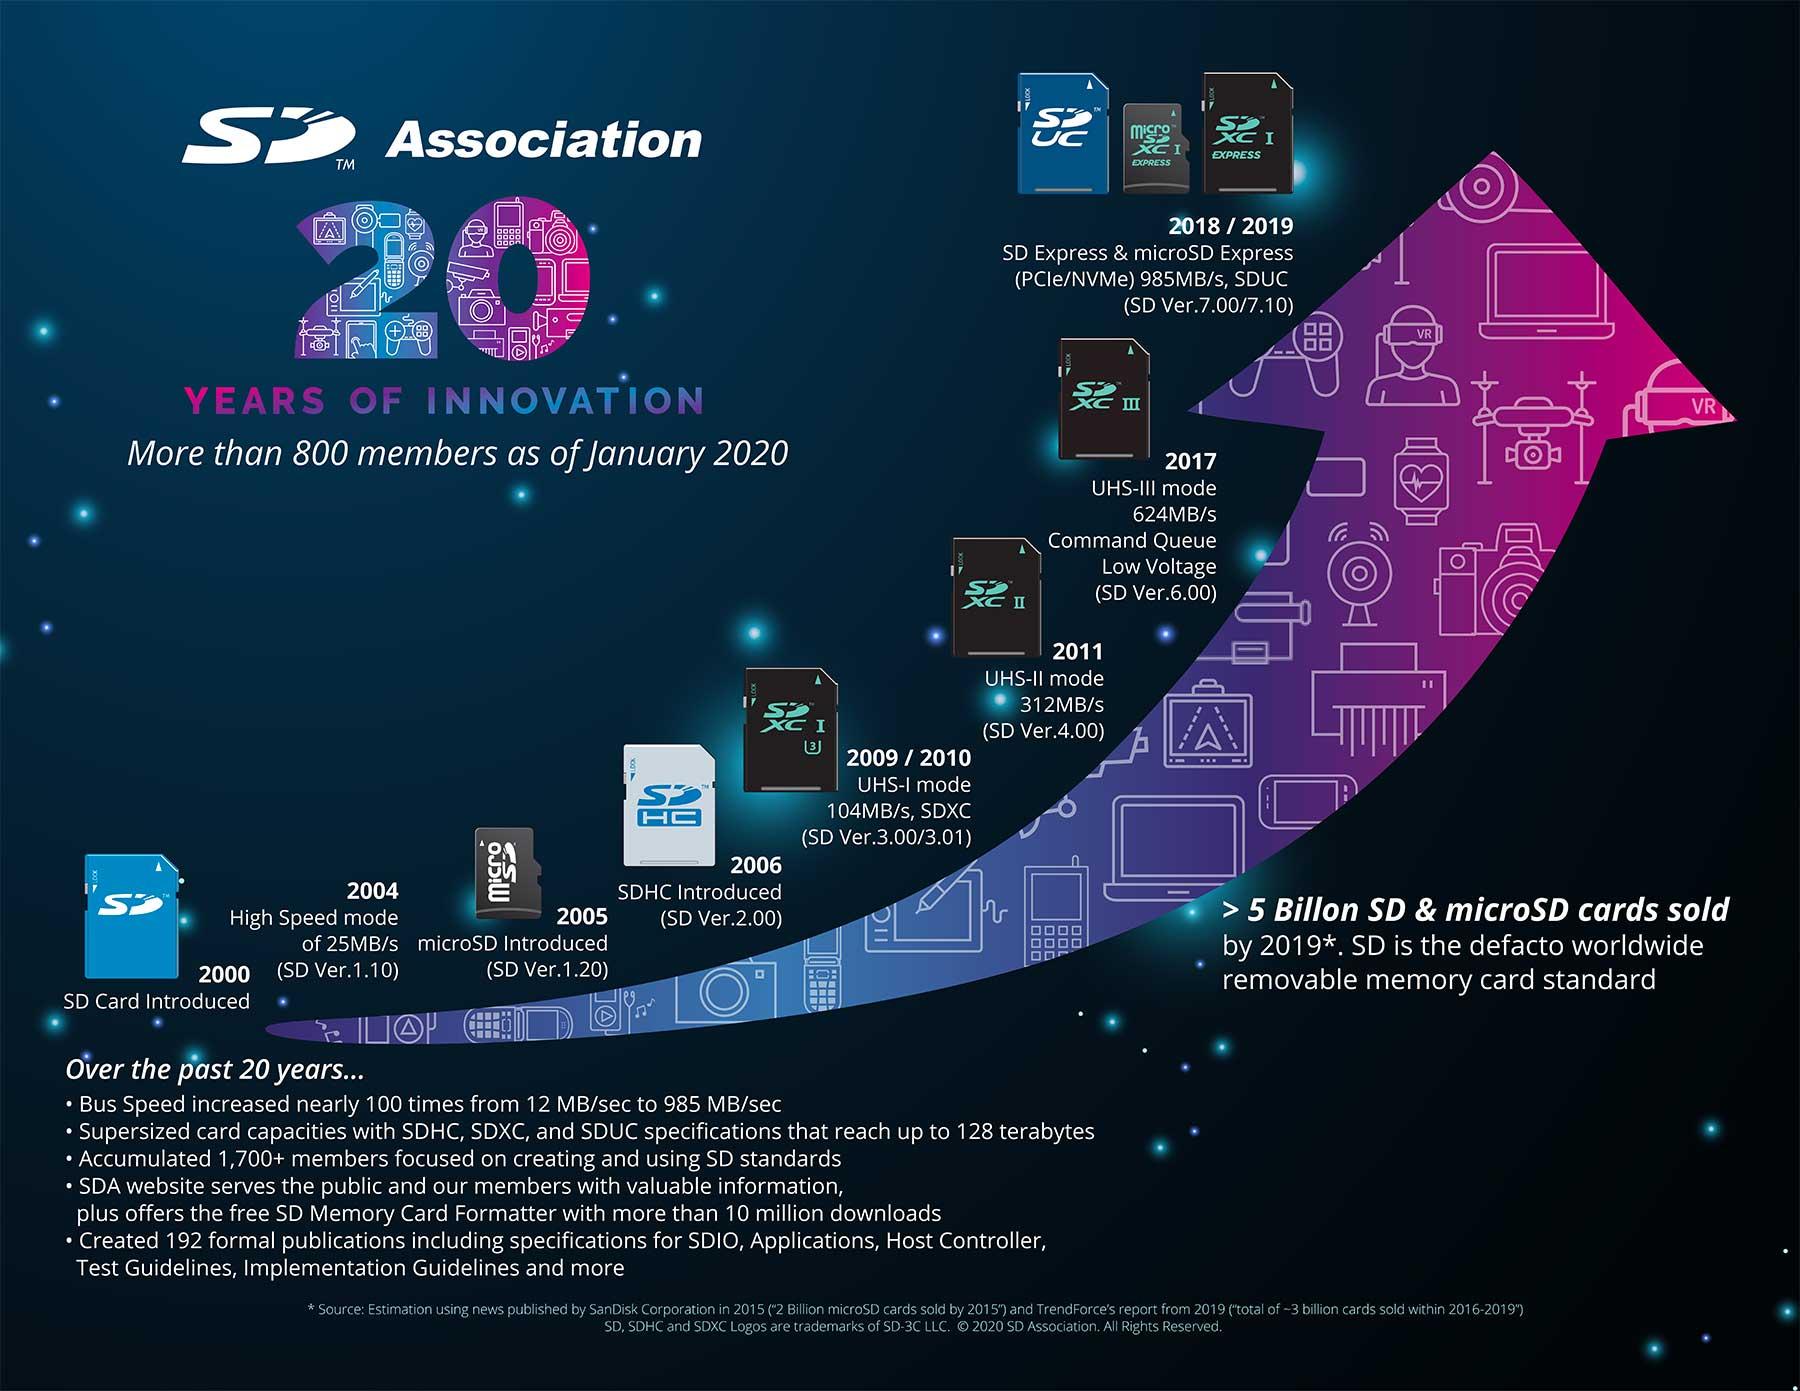 Schede di memoria SD e microSD, la SD Association festeggia il 20o anniversario